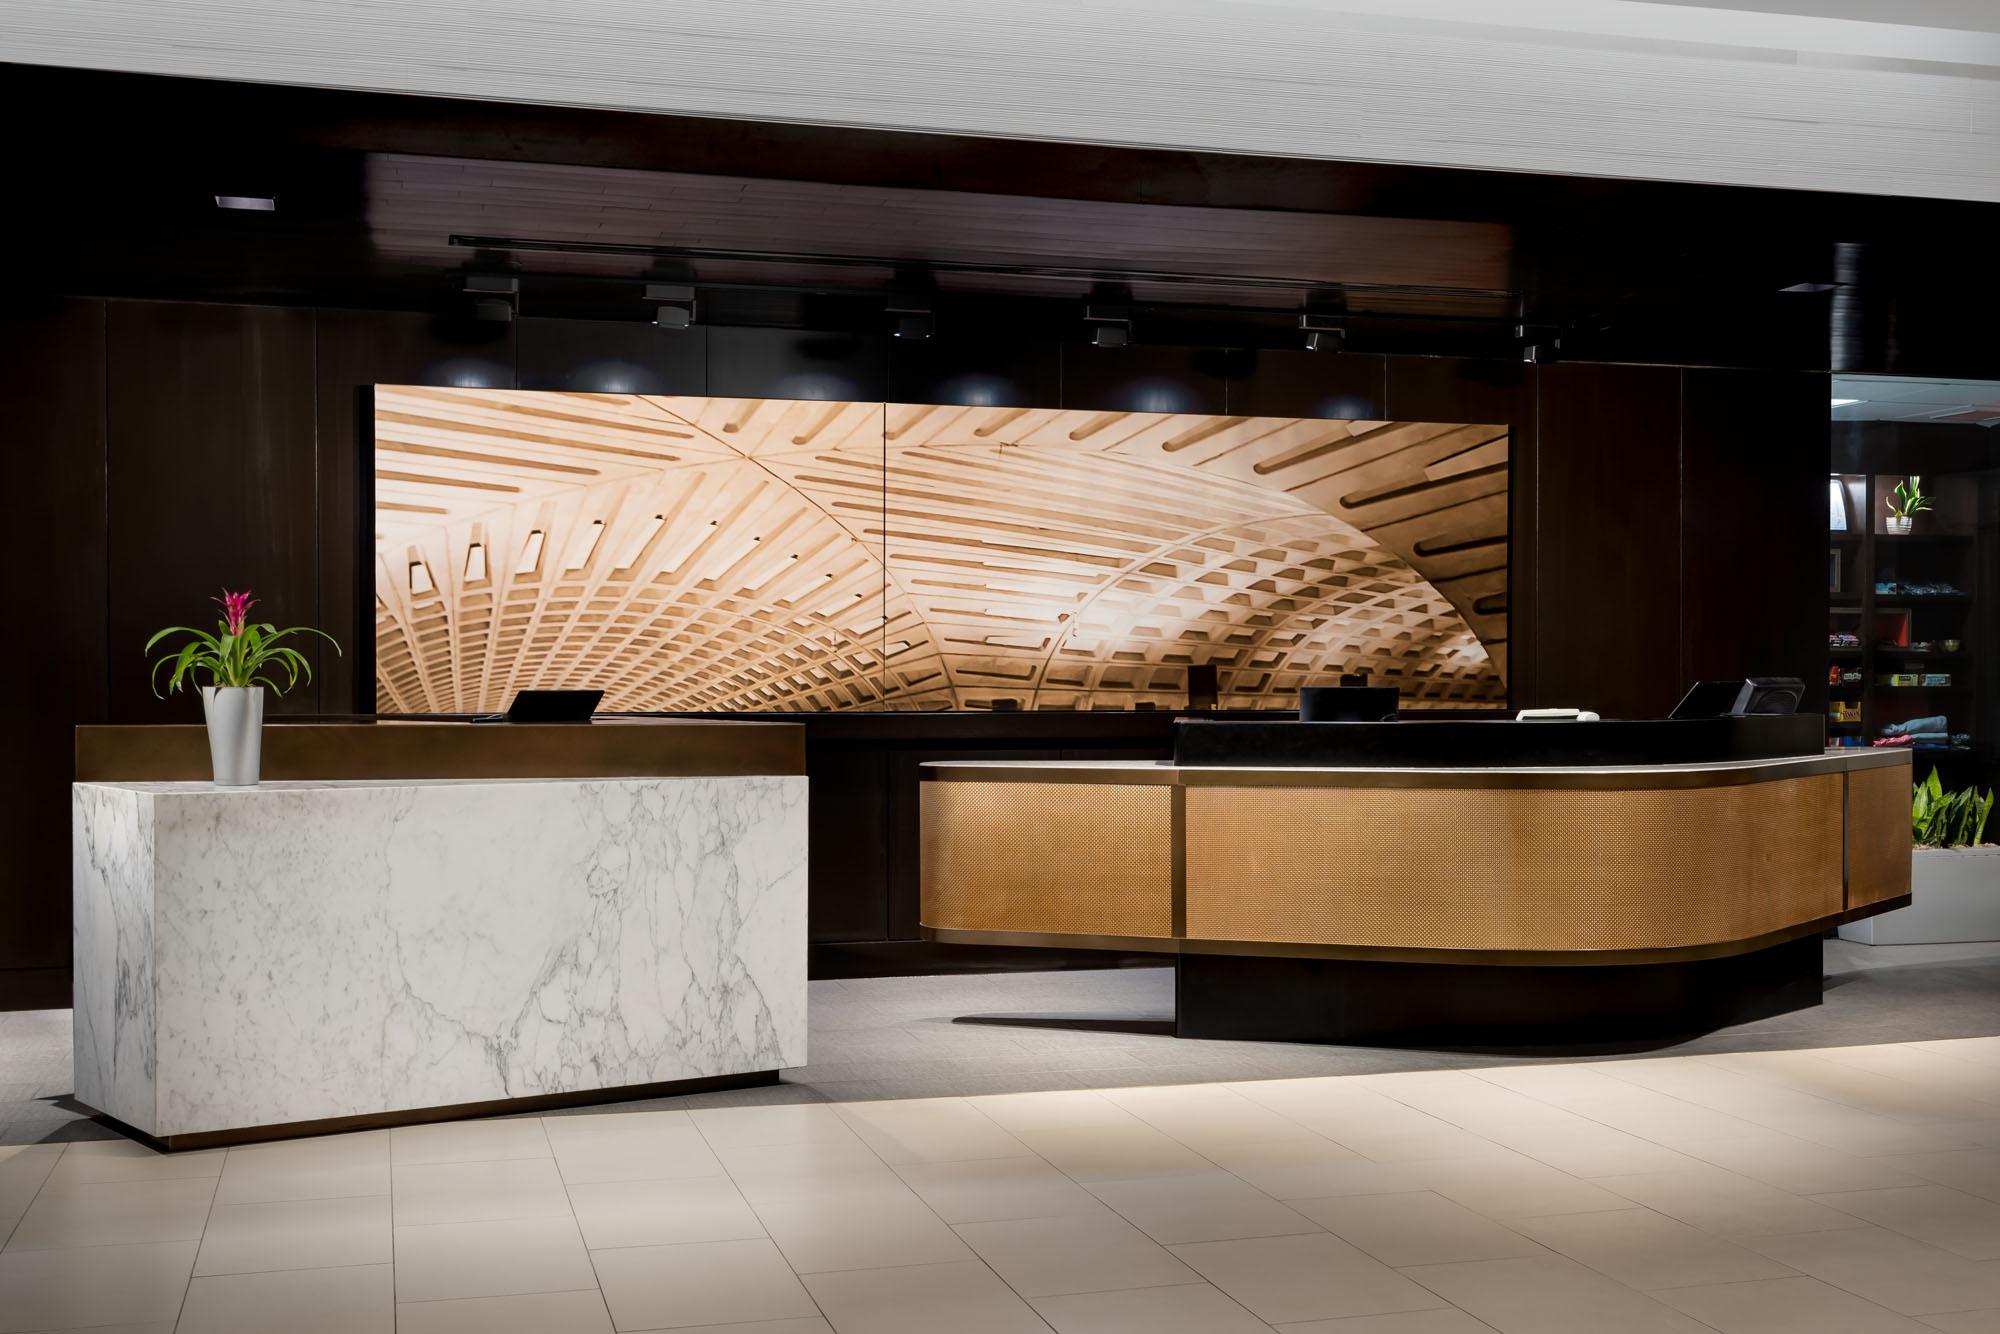 hyatt arlington transitions to hyatt centric hotel